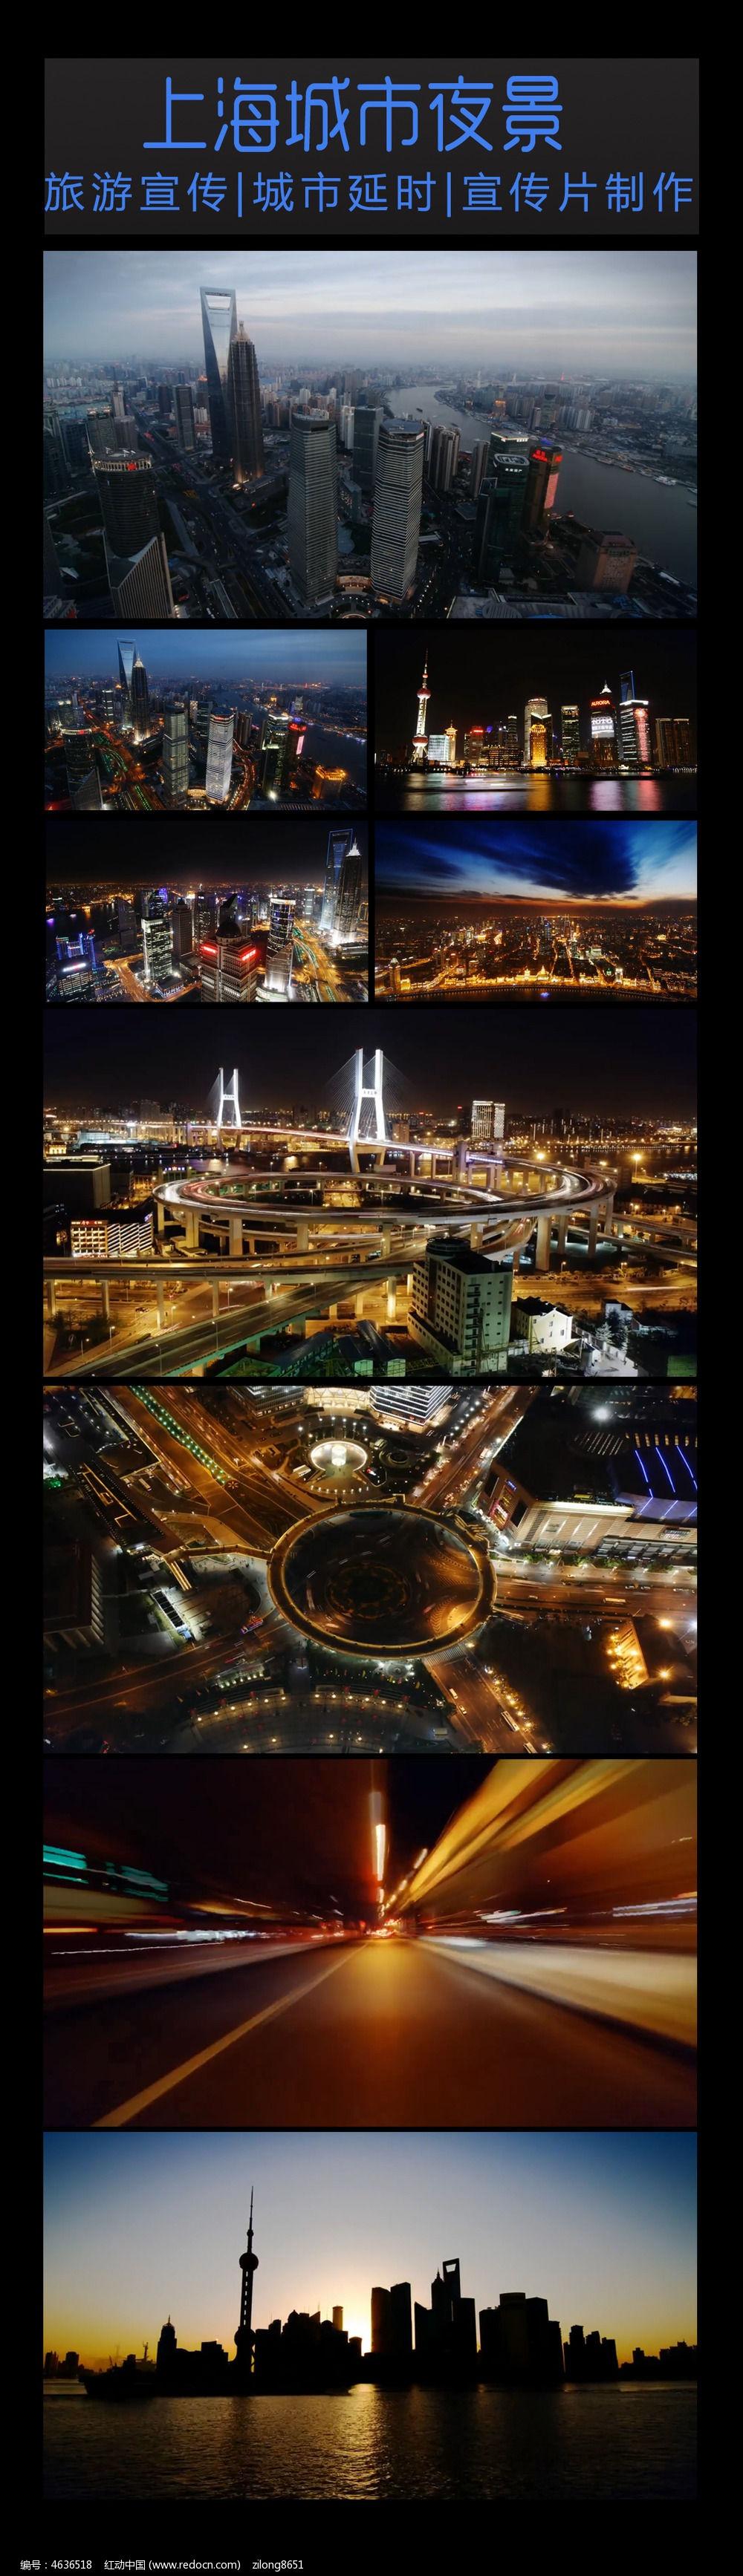 上海城市夜景延时摄影视频